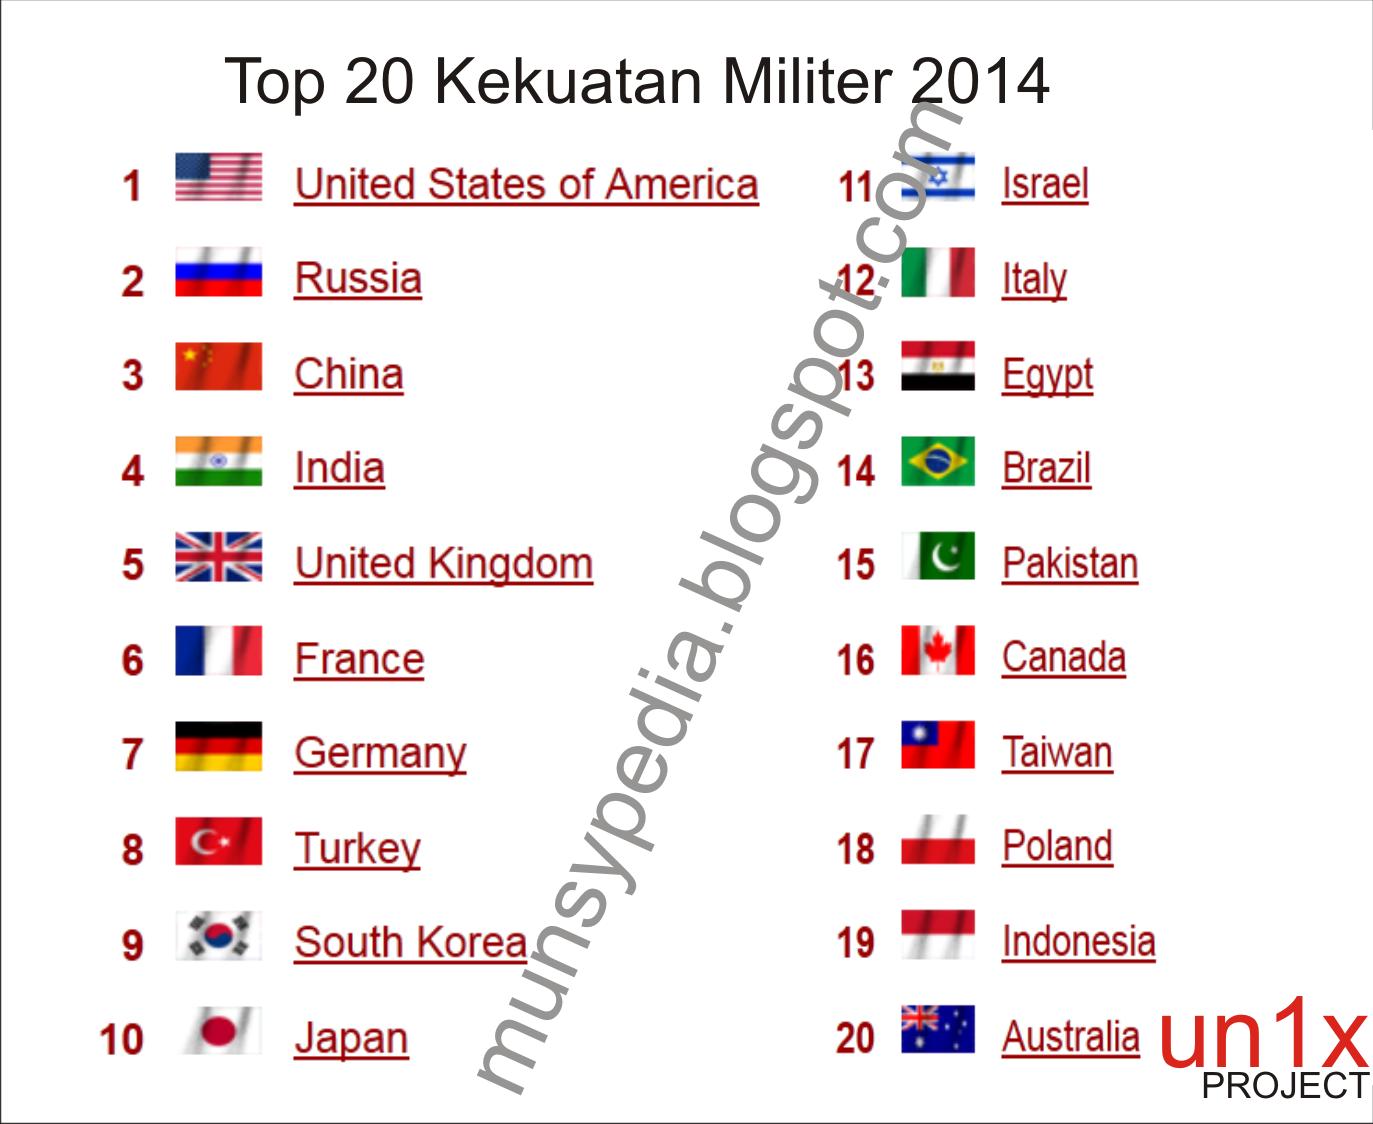 Kekuatan Militer Indonesia Peringkat 19 Dunia Tahun 2014